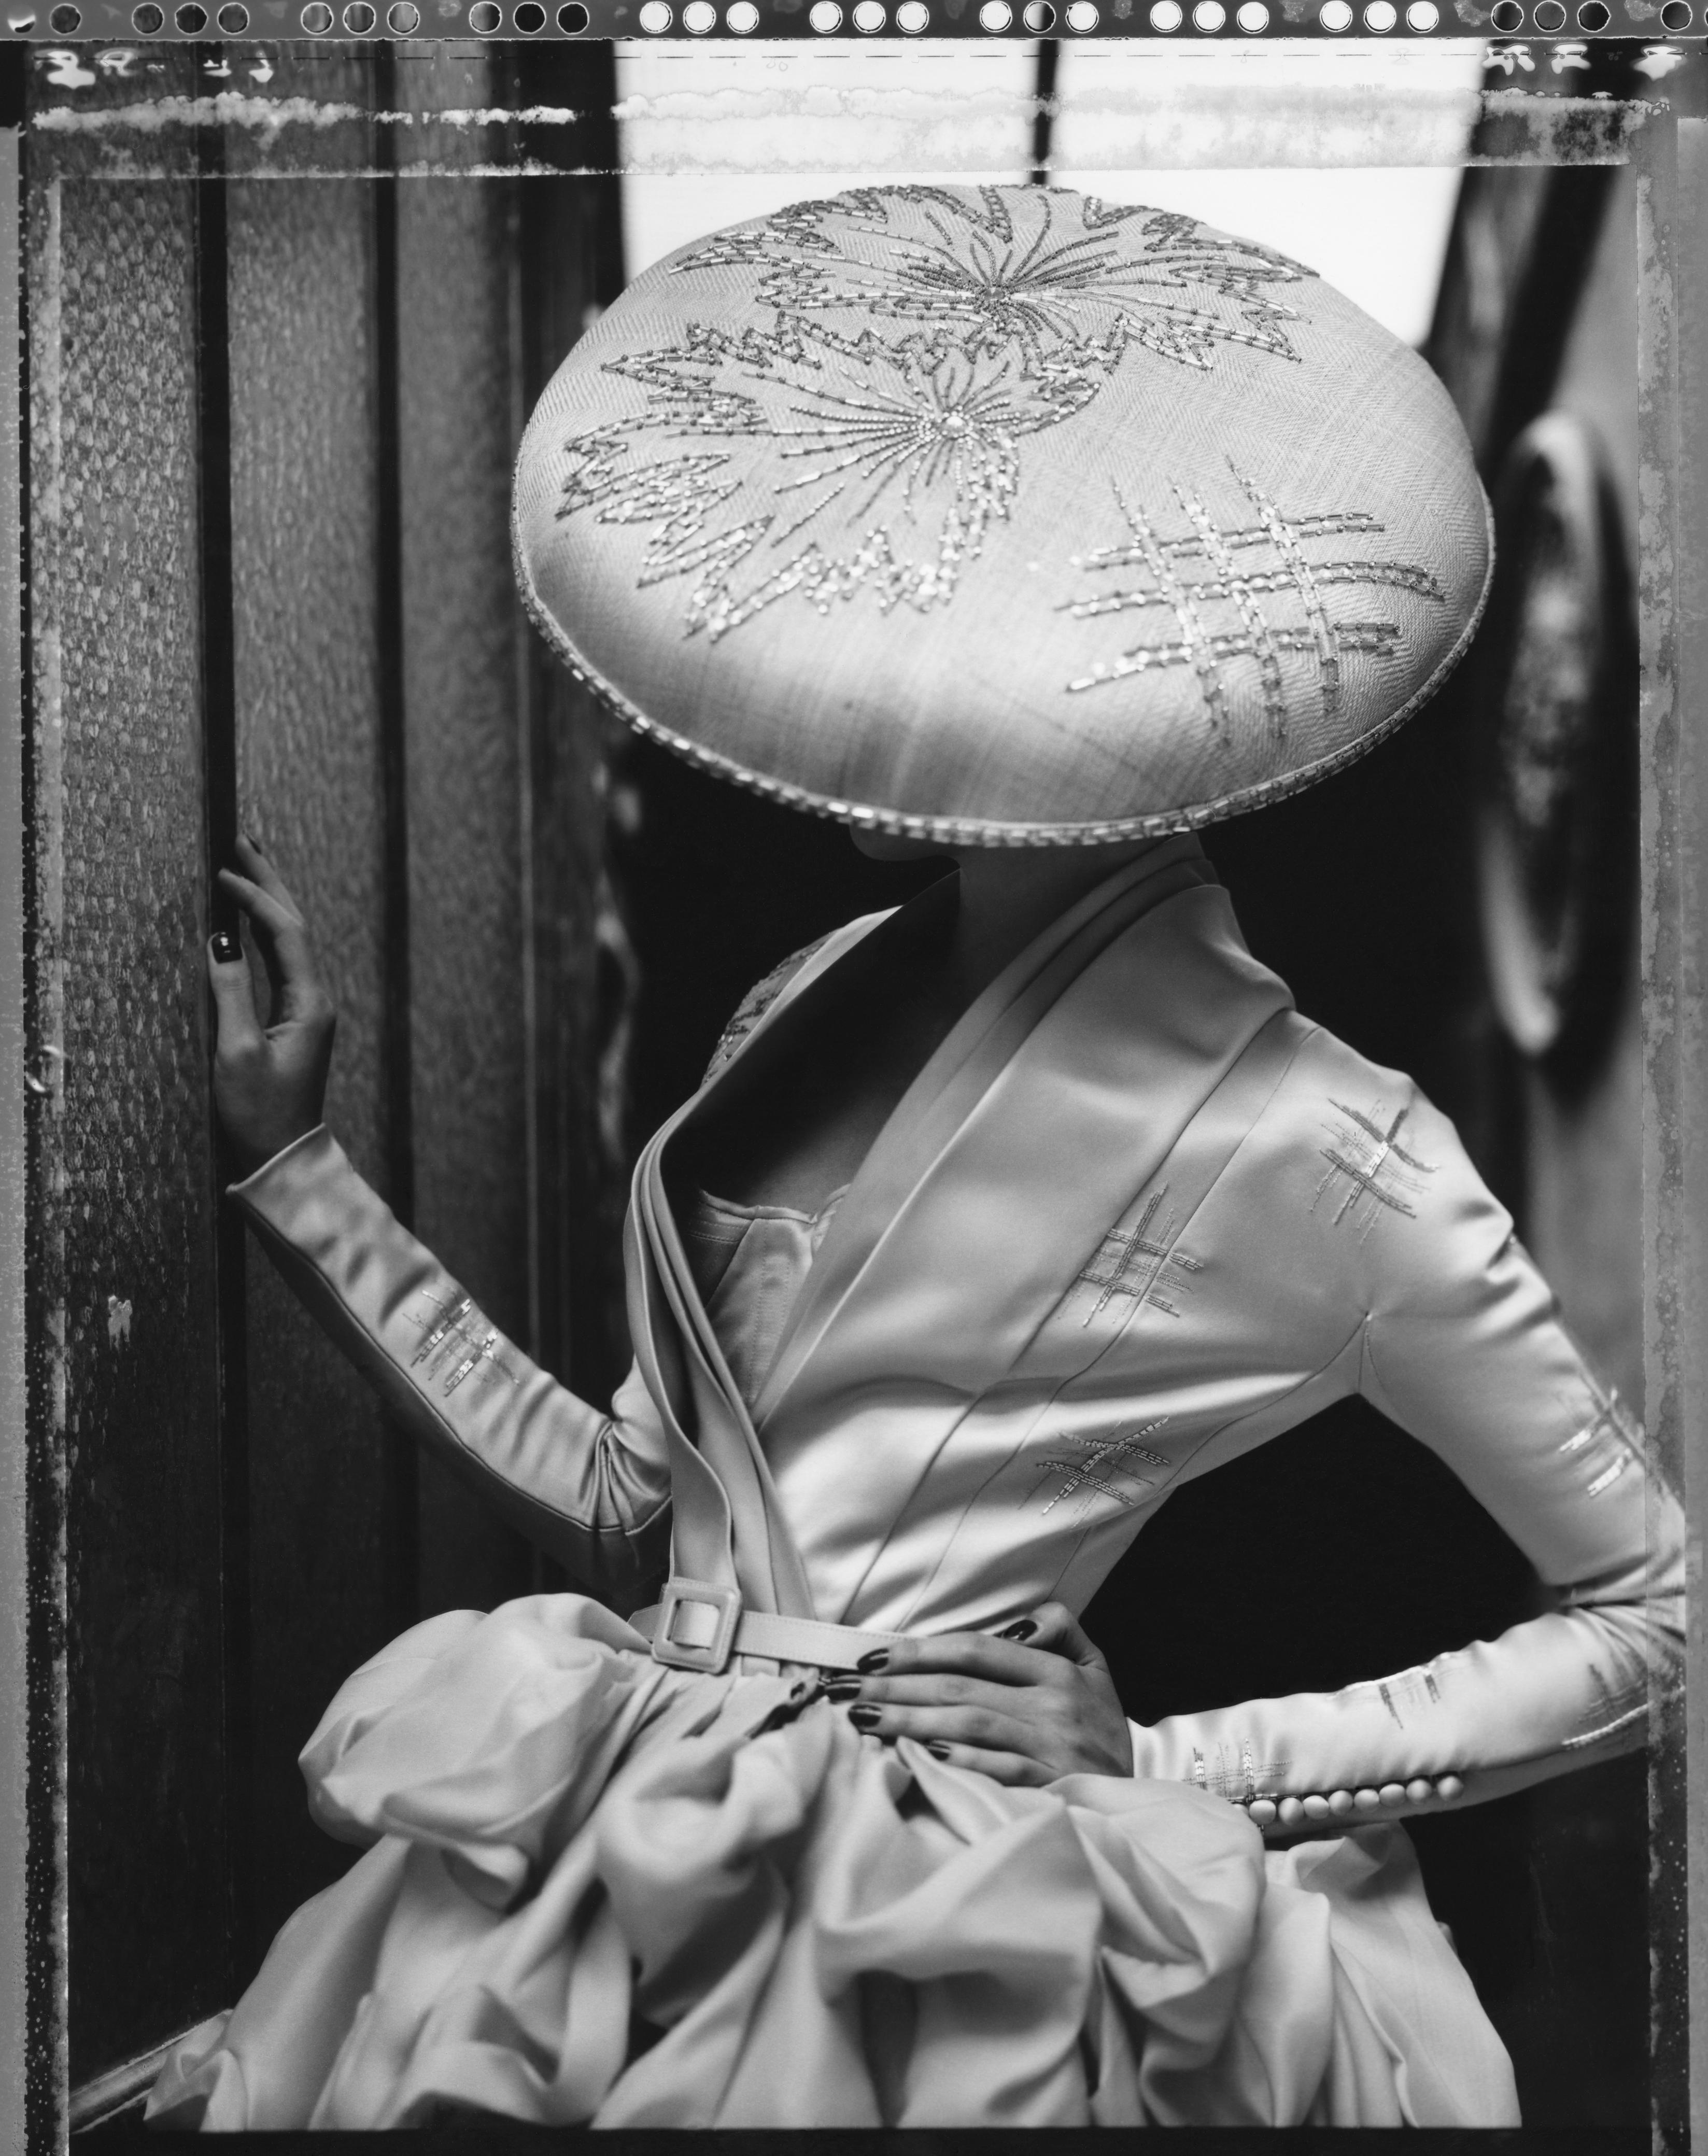 La Fille en Platre VIII, Paris Dior, Haute Couture 2007